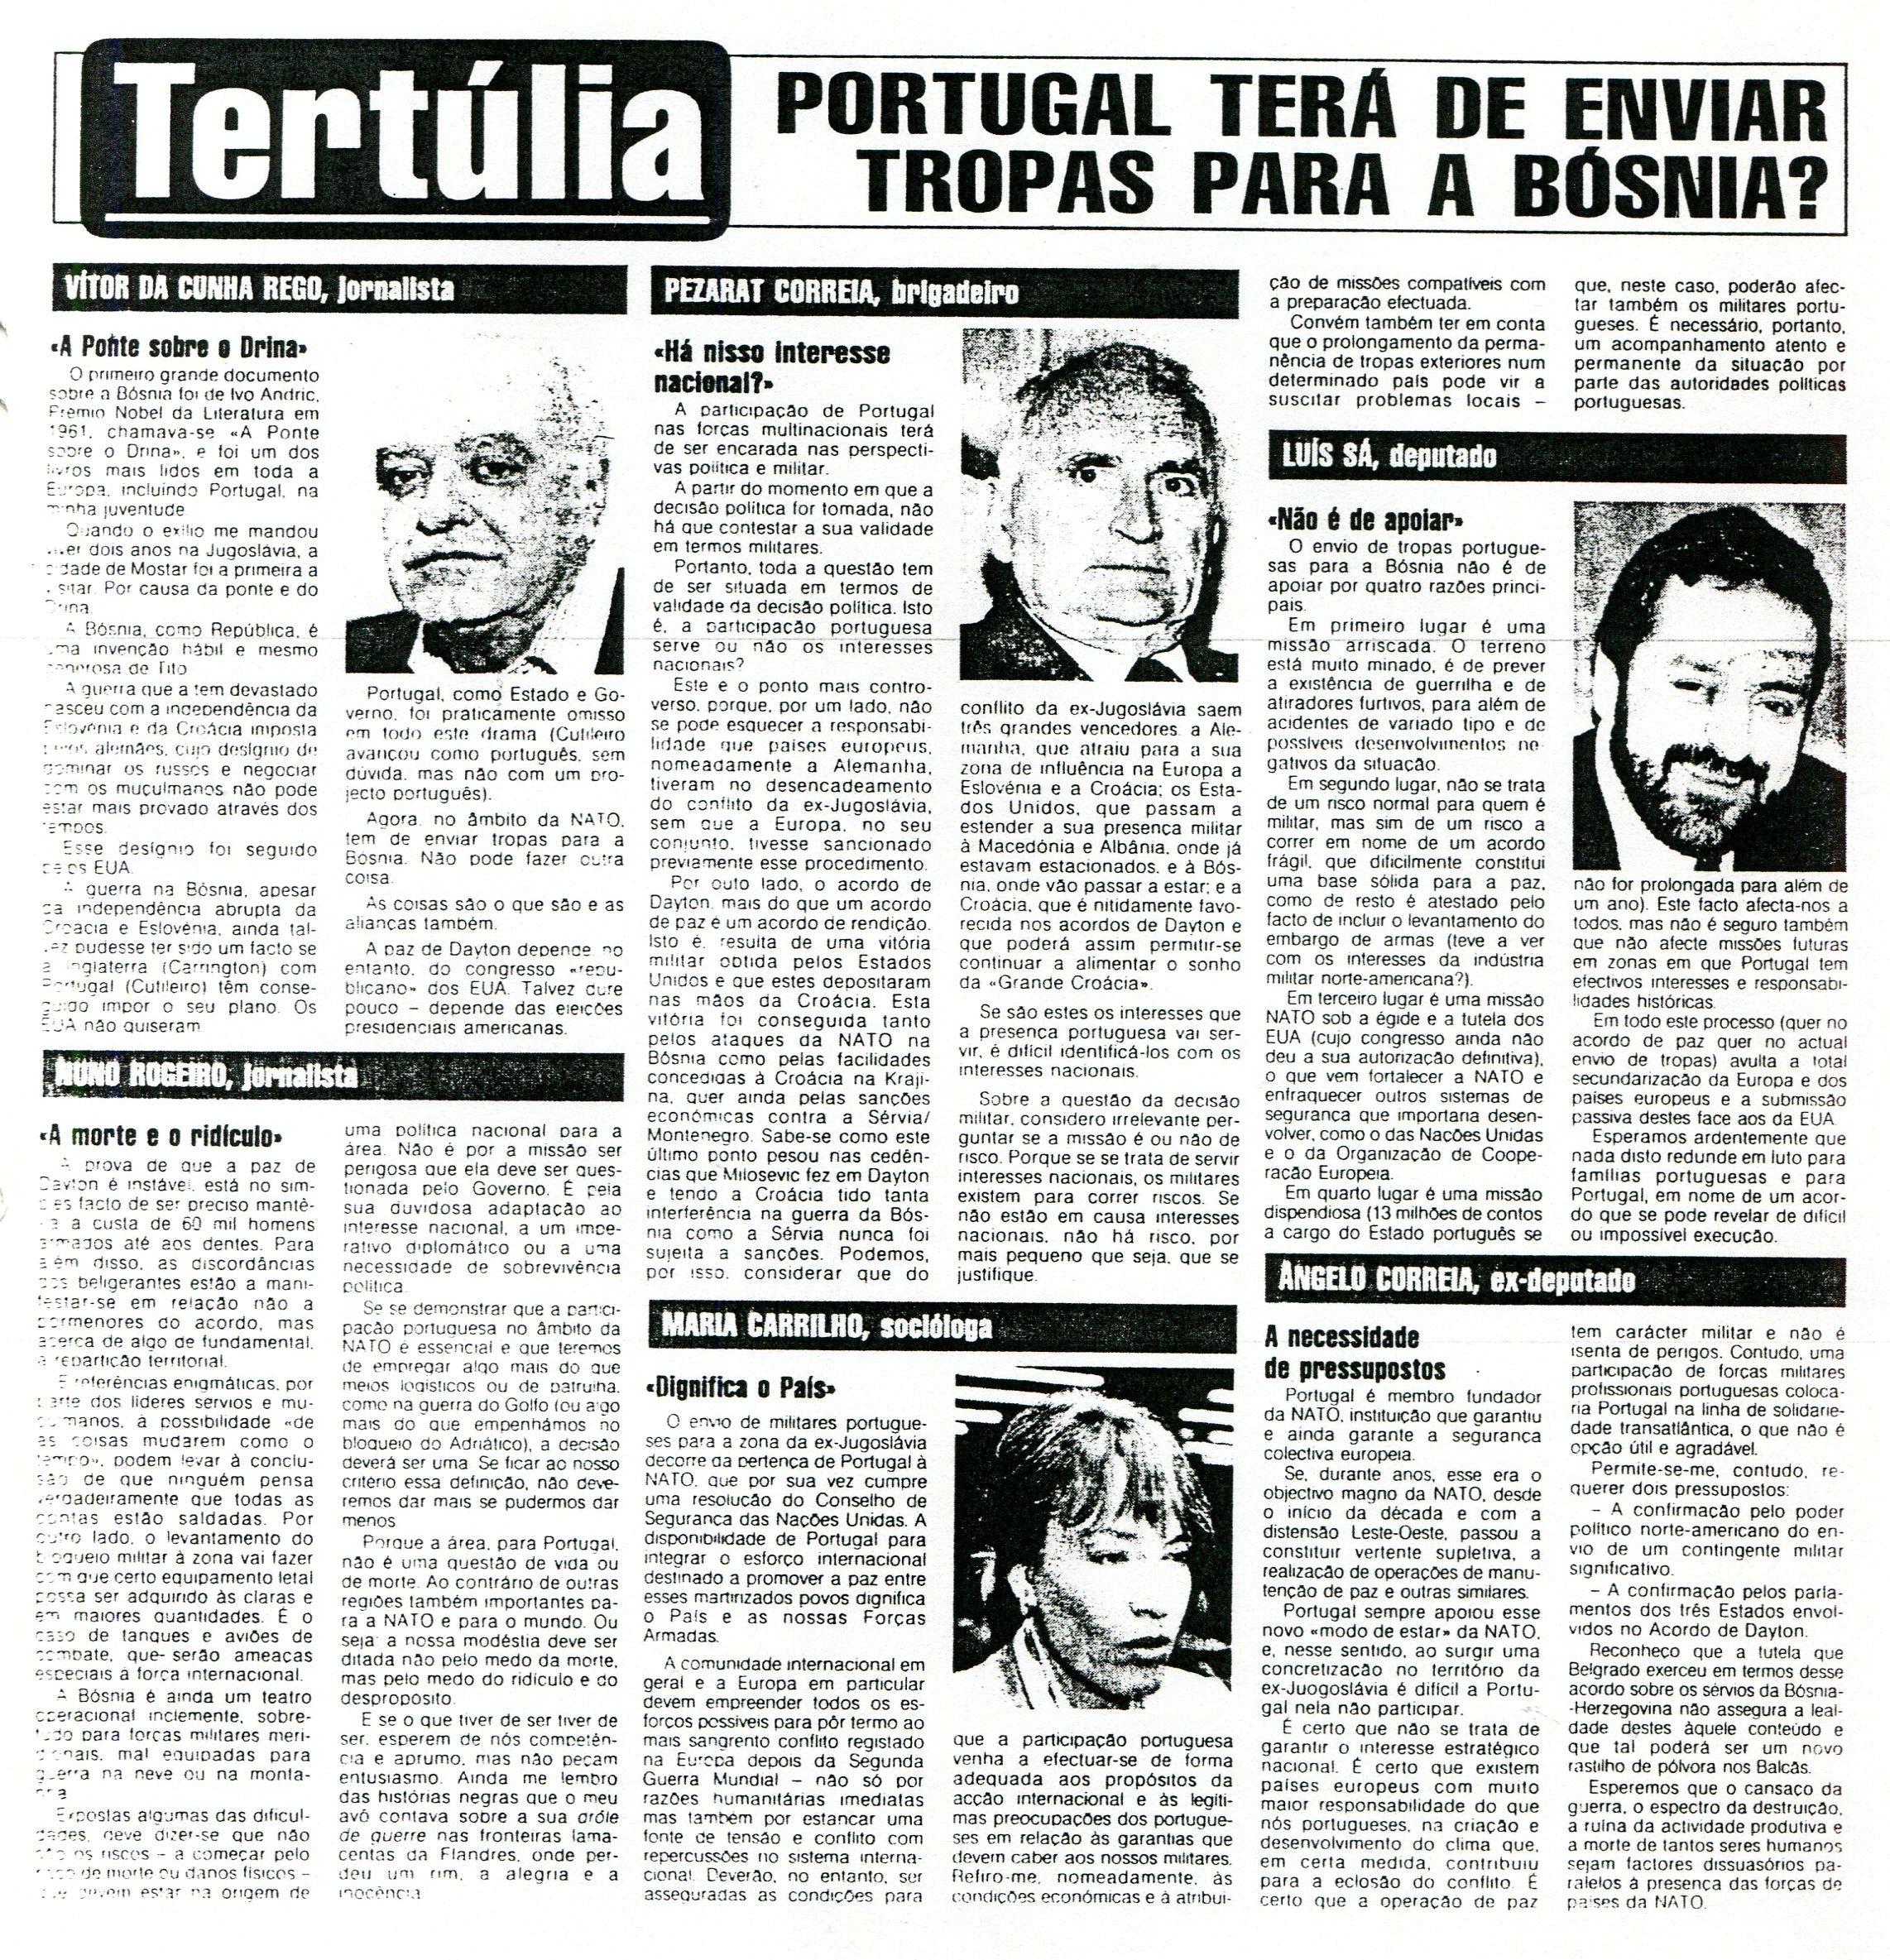 30NOV1995 - A Capital